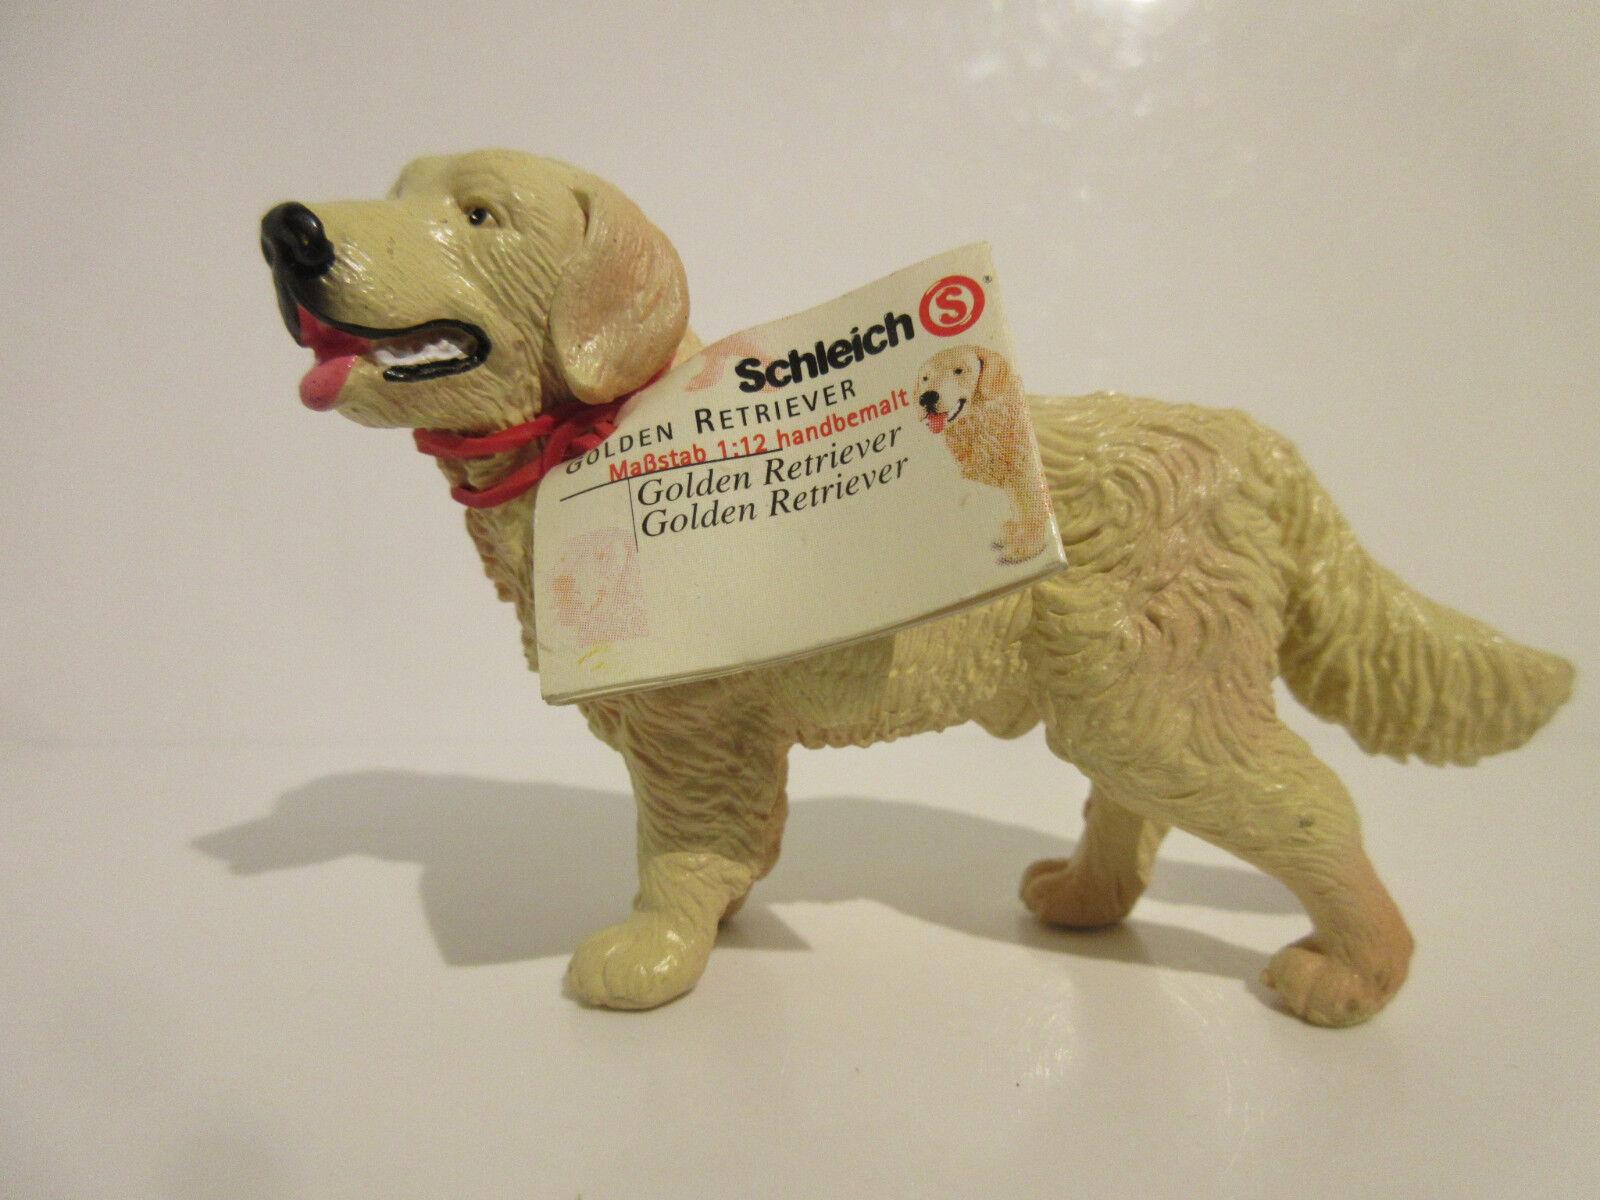 16313 schleich hund  Golden retriever ref  21p25